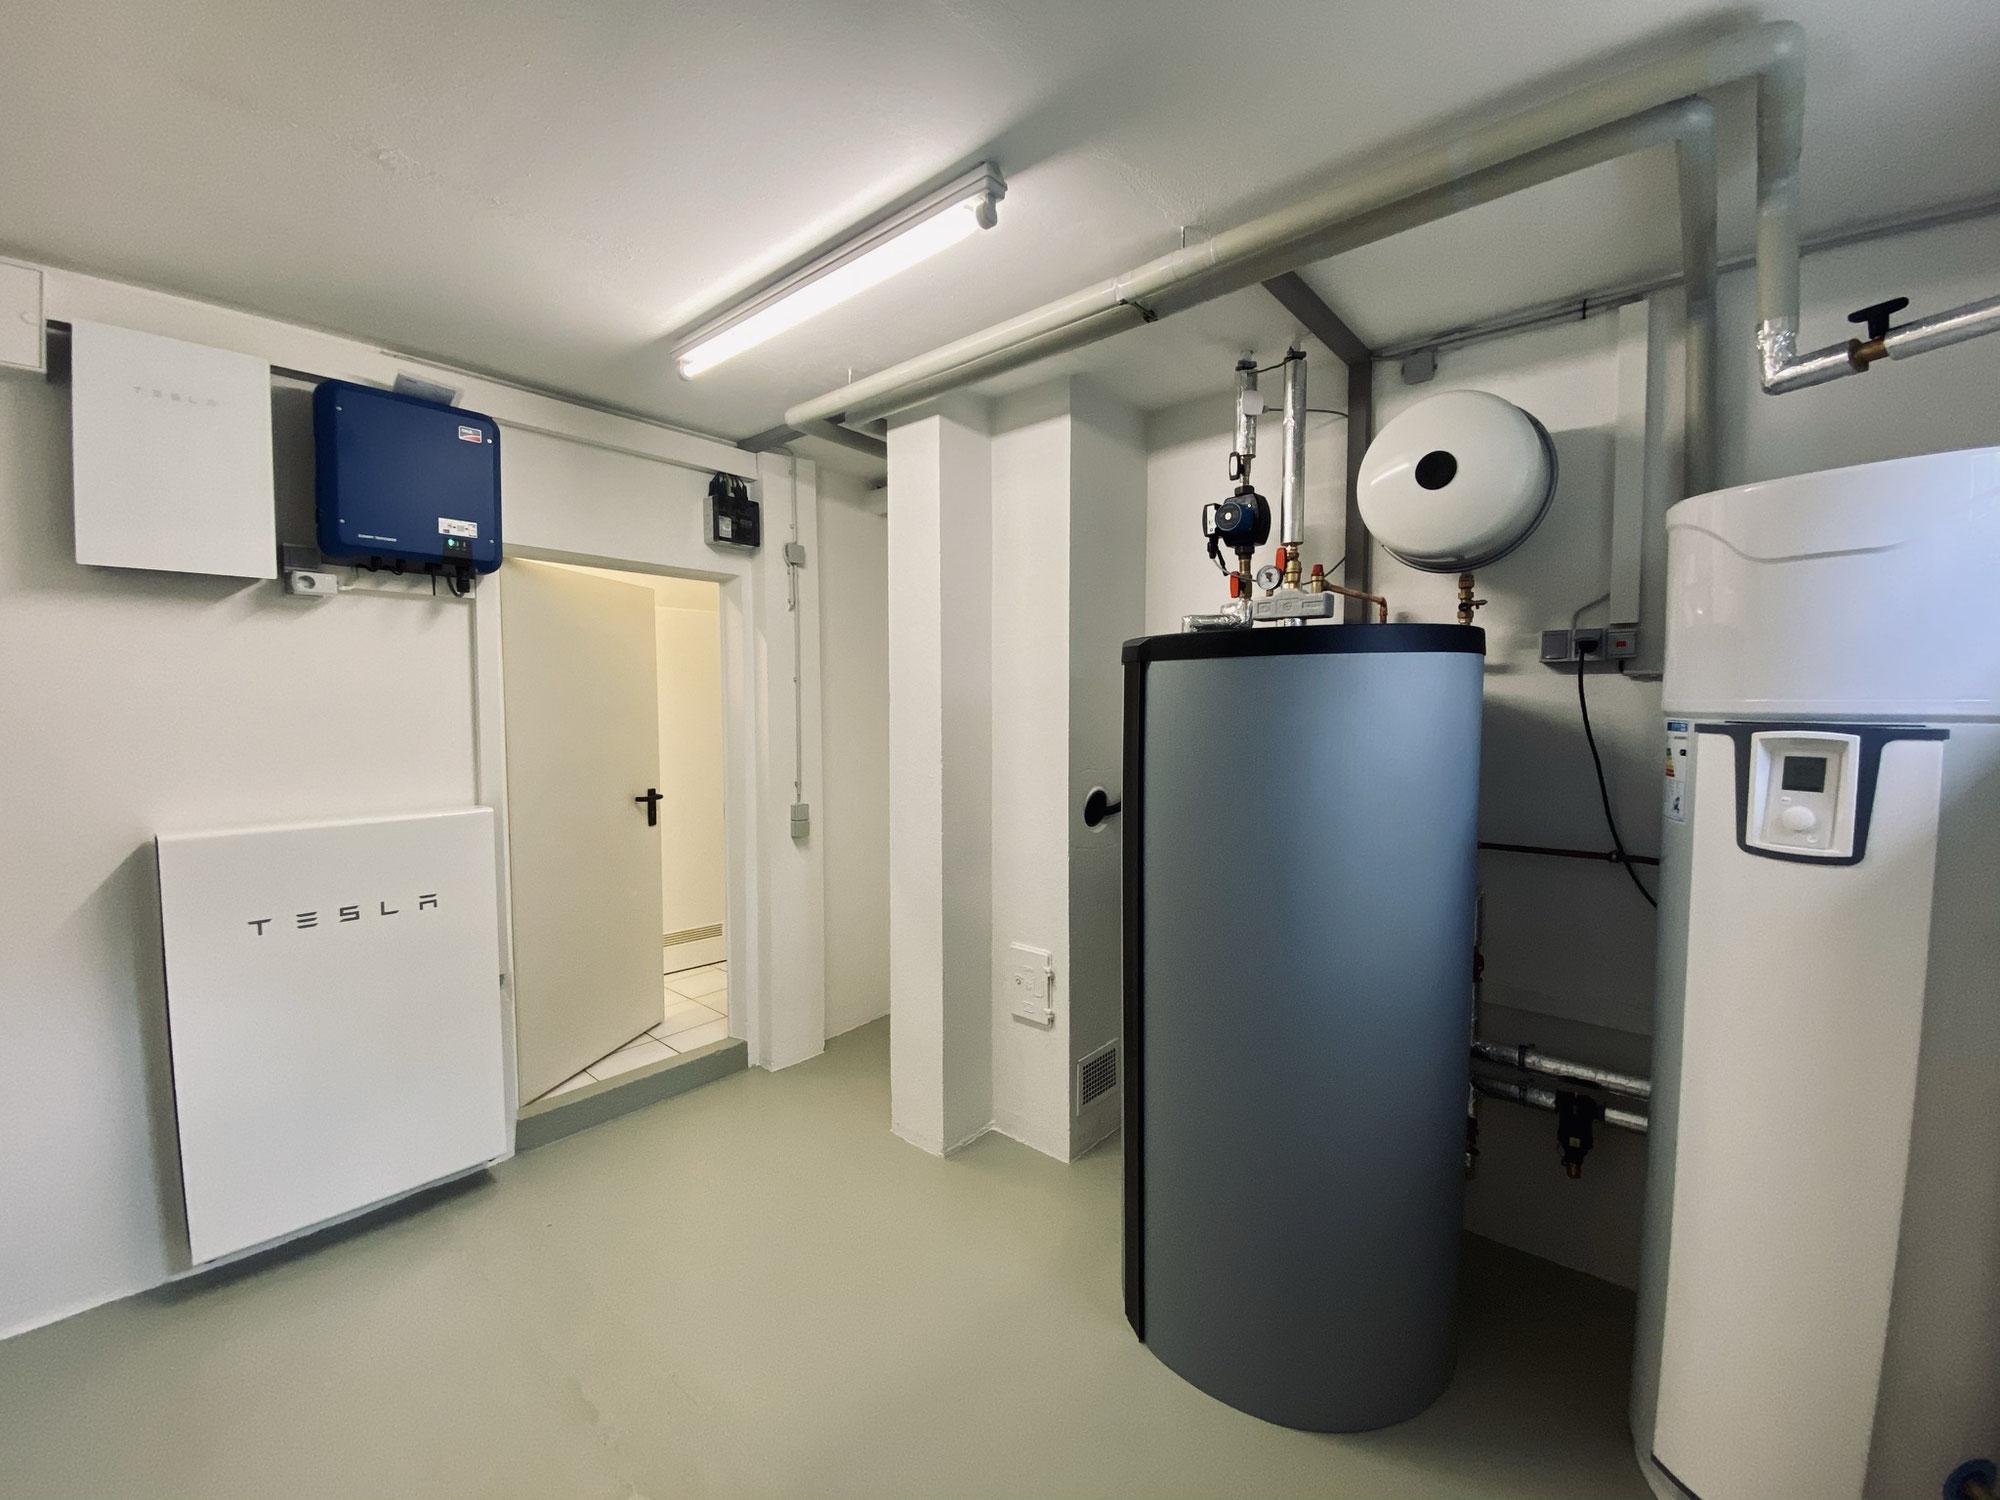 Gebäudesanierung mit Wärmepumpe und Photovoltaik